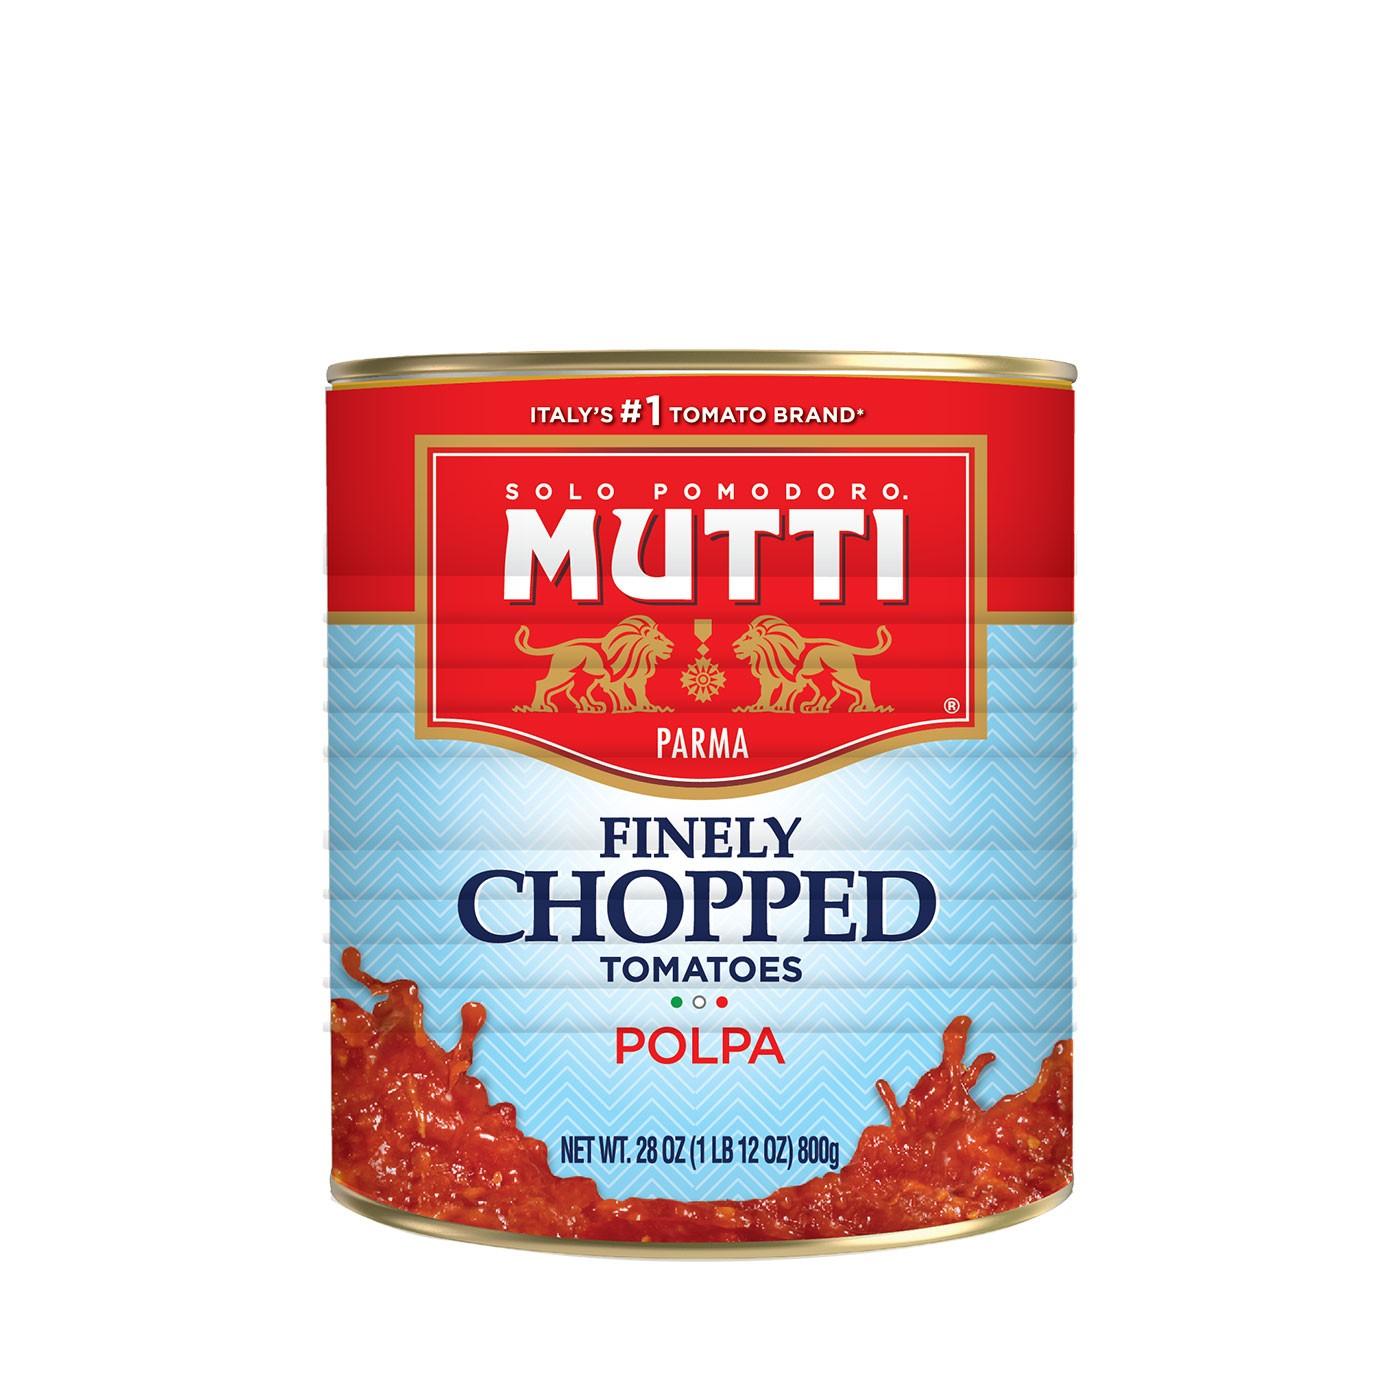 Polpa di Pomodoro 28oz - Mutti | Eataly.com